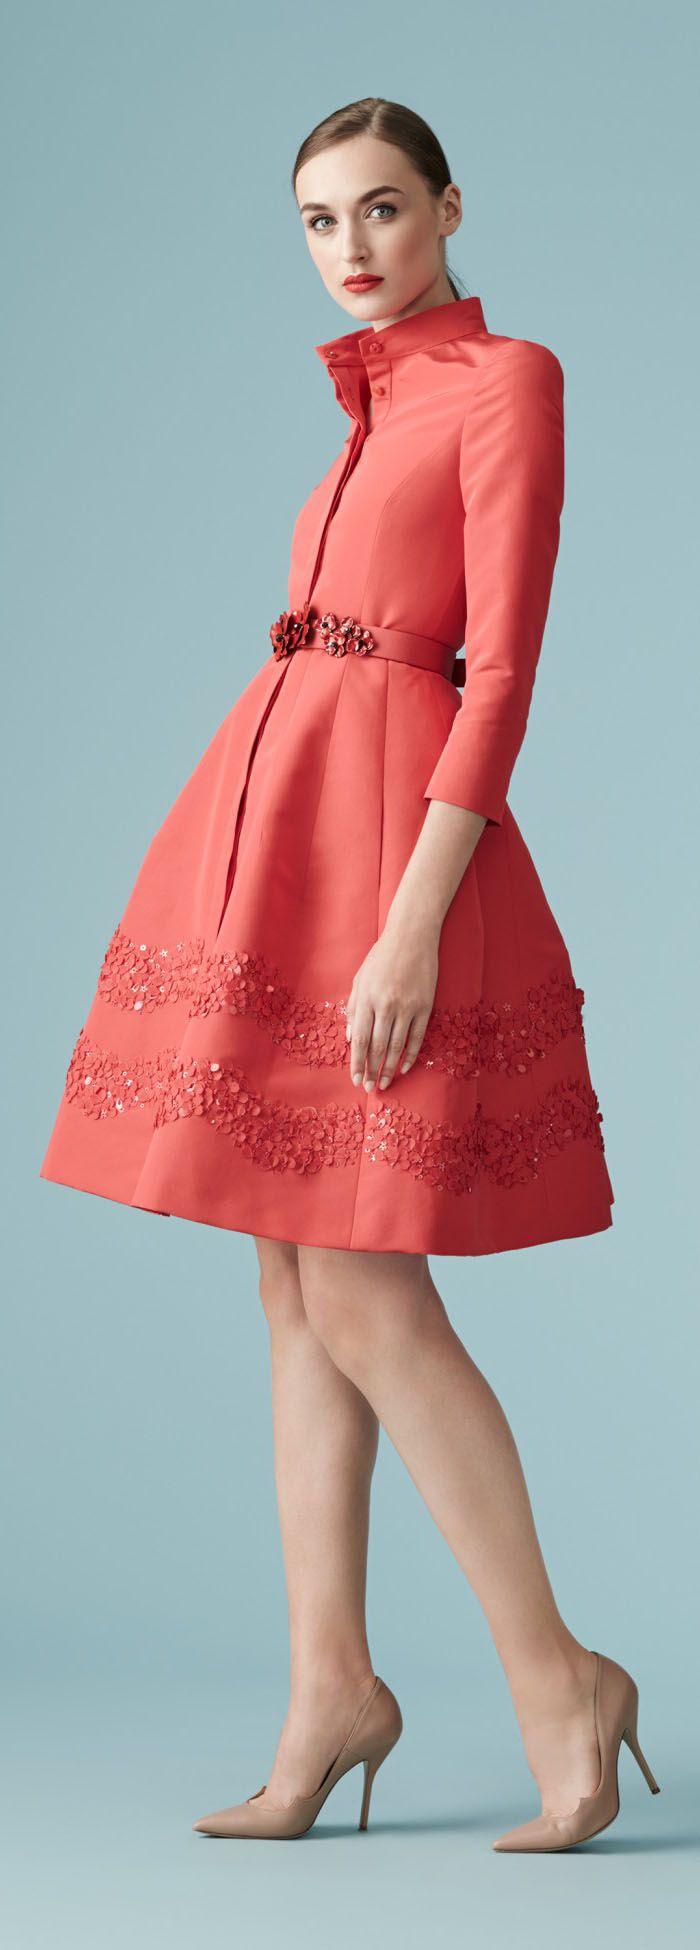 Oltre 25 Fantastiche Idee Su Modelli Vestiti A Tubino Su Pinterest Tutorial Vestito Cucito